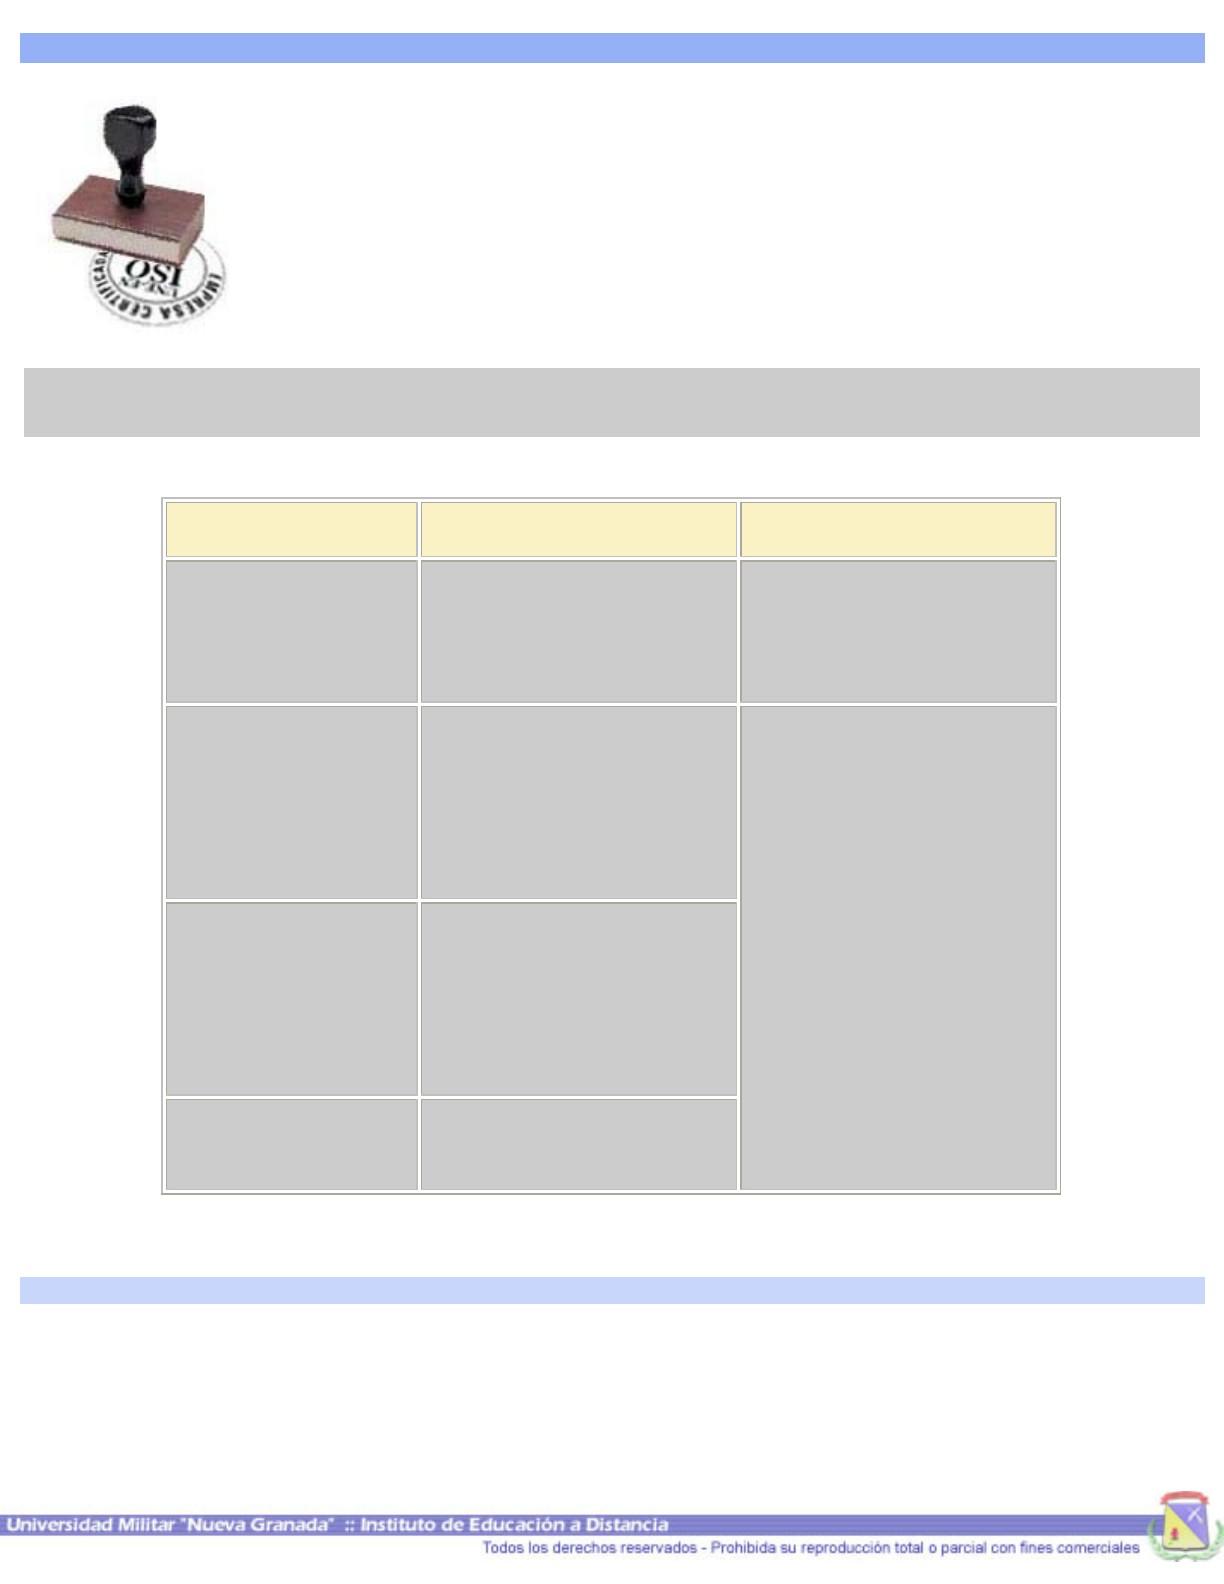 Calendario Anual formato Más Populares Unidades Pletas Programacion Of Calendario Anual formato Mejores Y Más Novedosos Las 44 Mejores Imágenes De Cumple Zoe